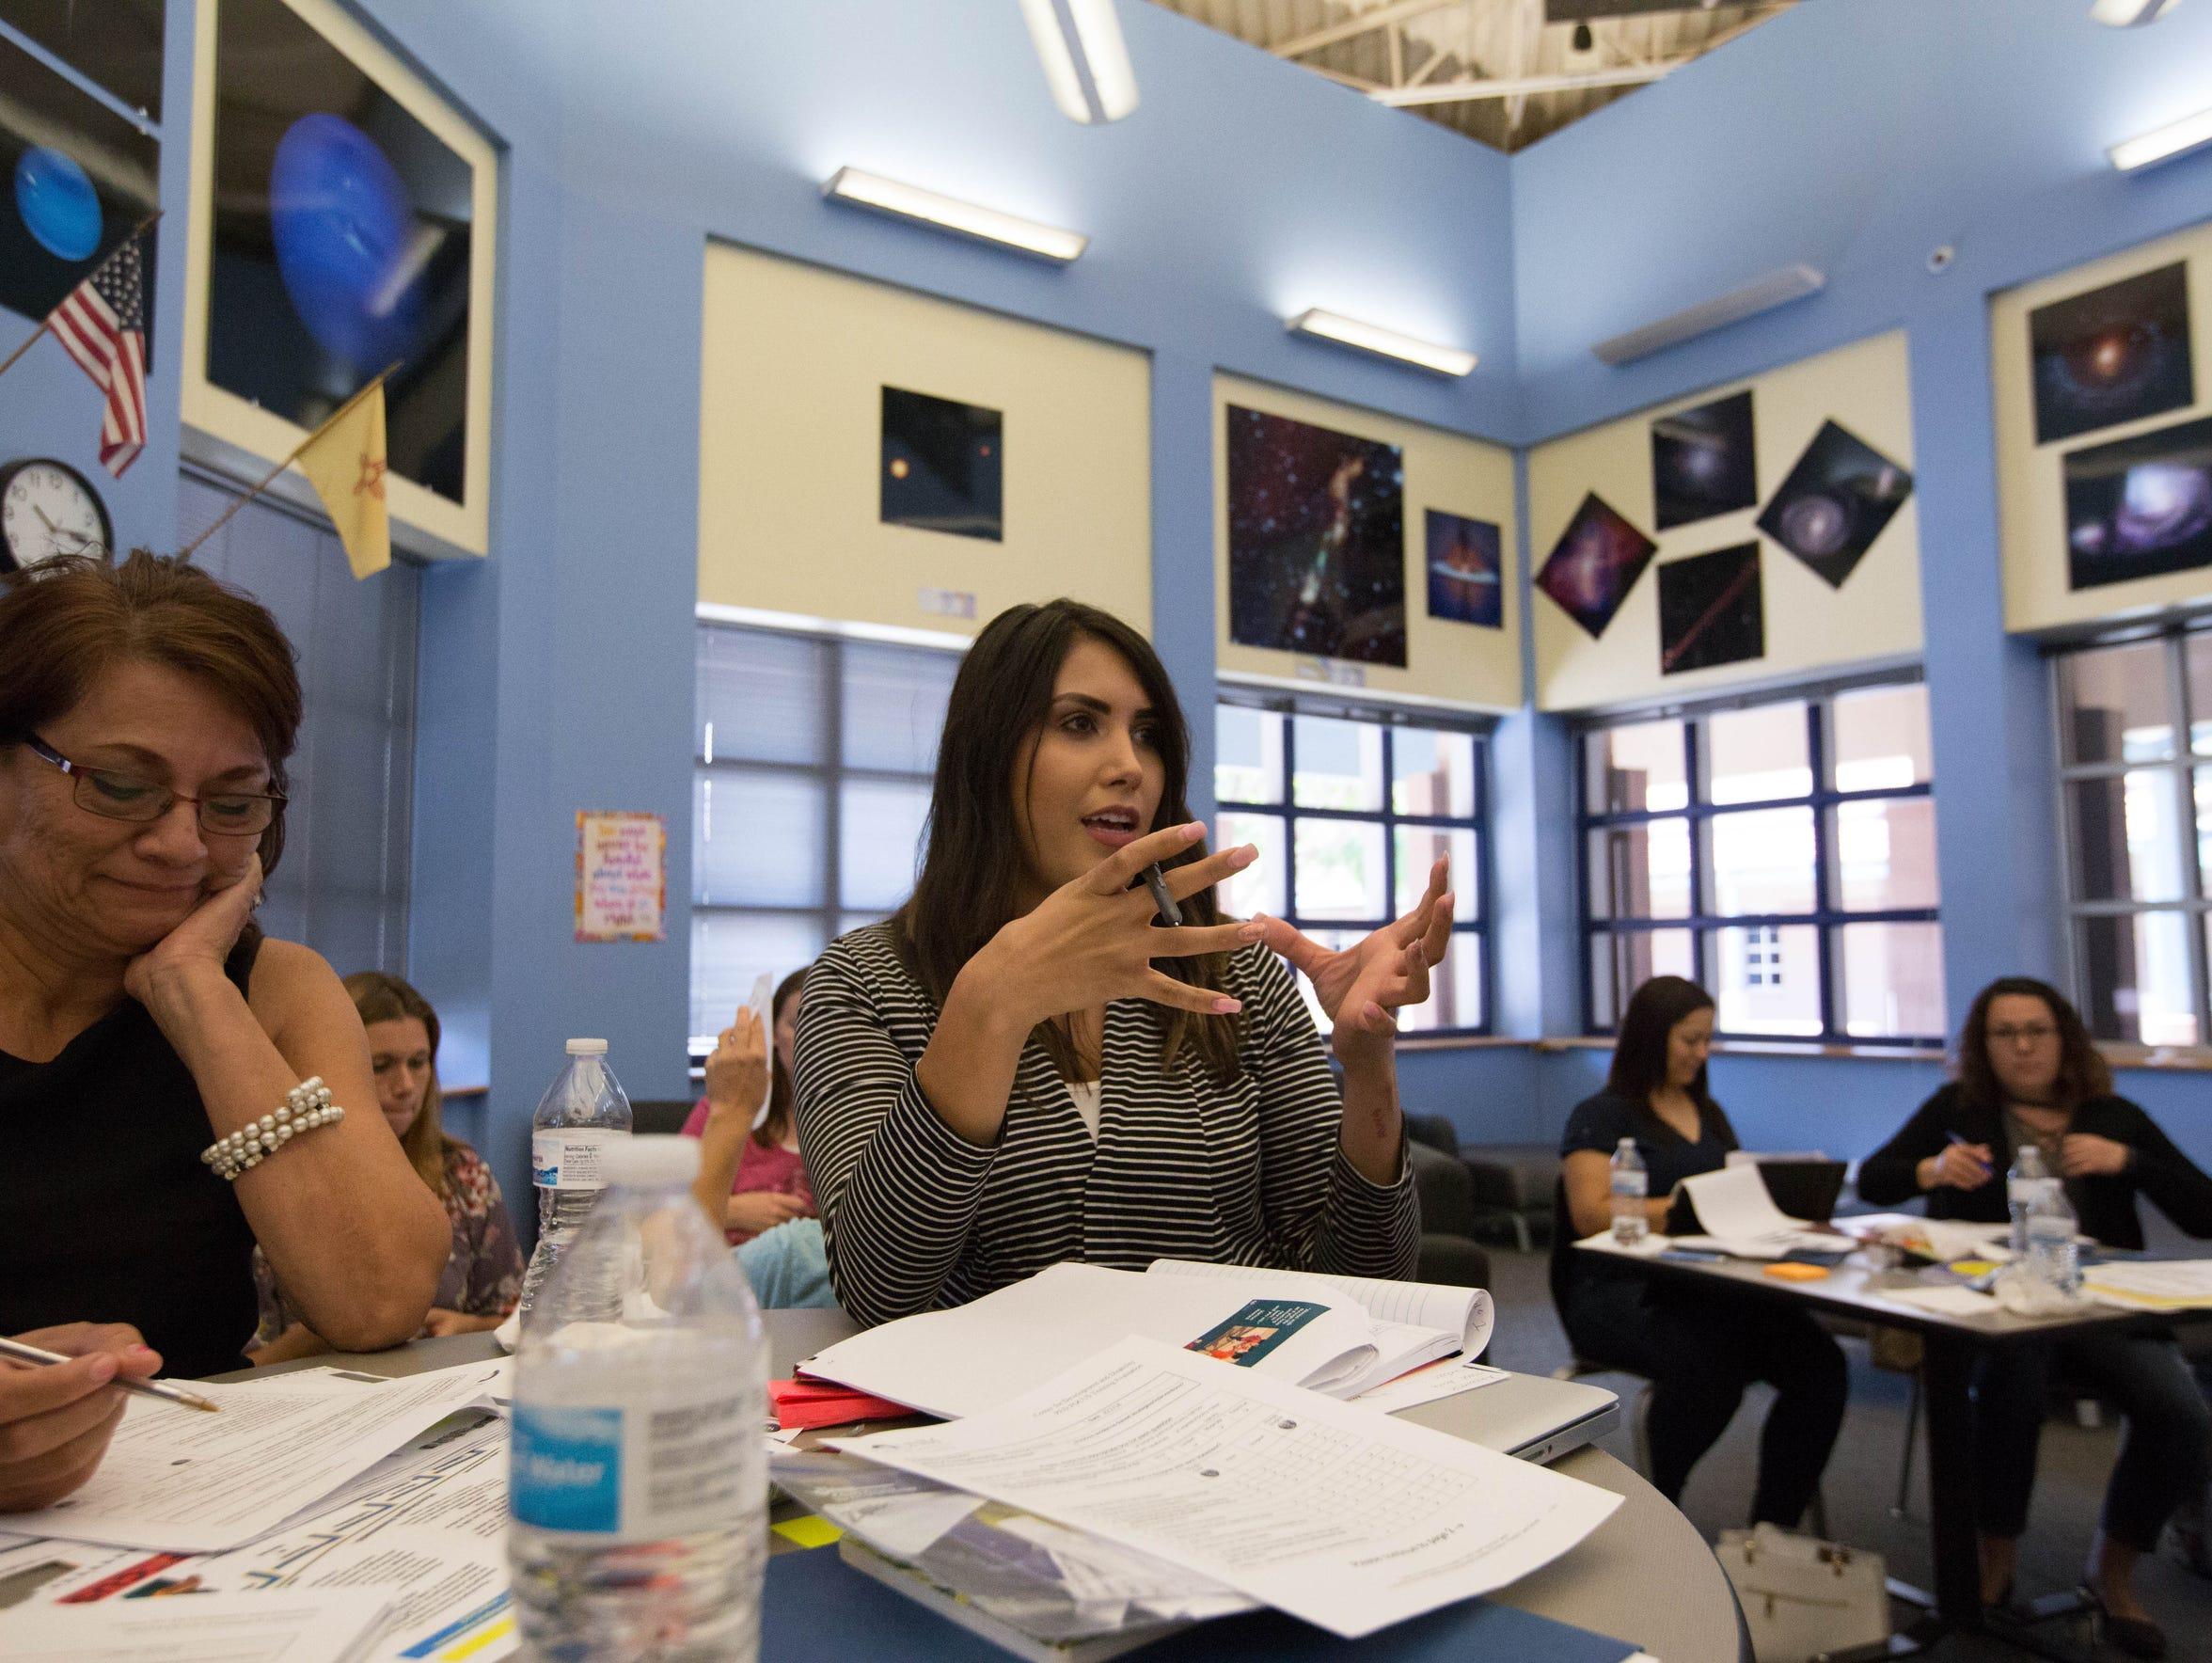 Amy Lerma, center,  a Head Start teacher, asks questions